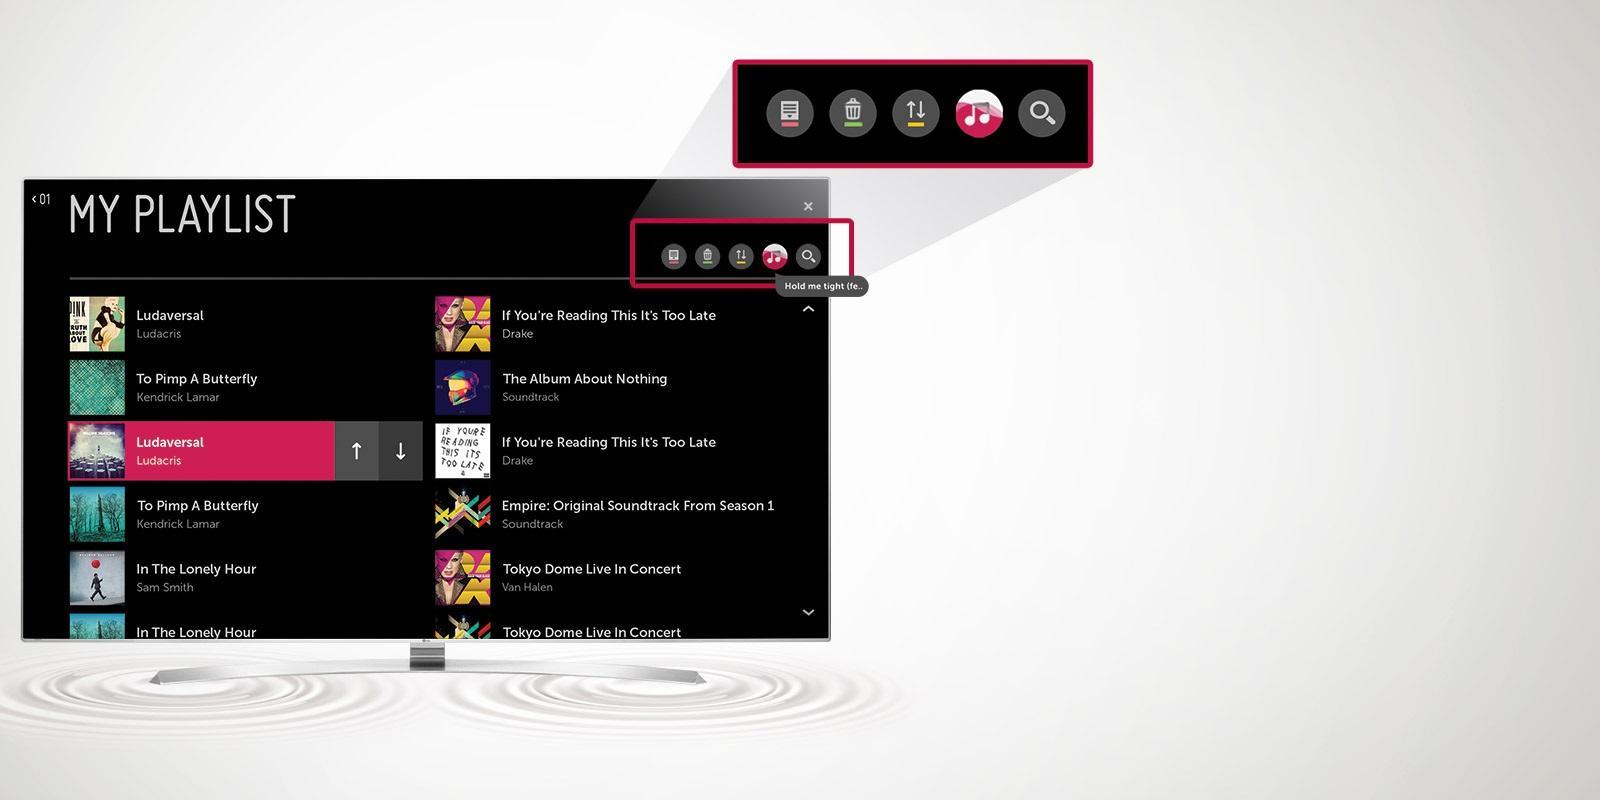 LG 80cm (32 inch) HD Ready LED Smart TV (32LJ573D) – MaaCarts